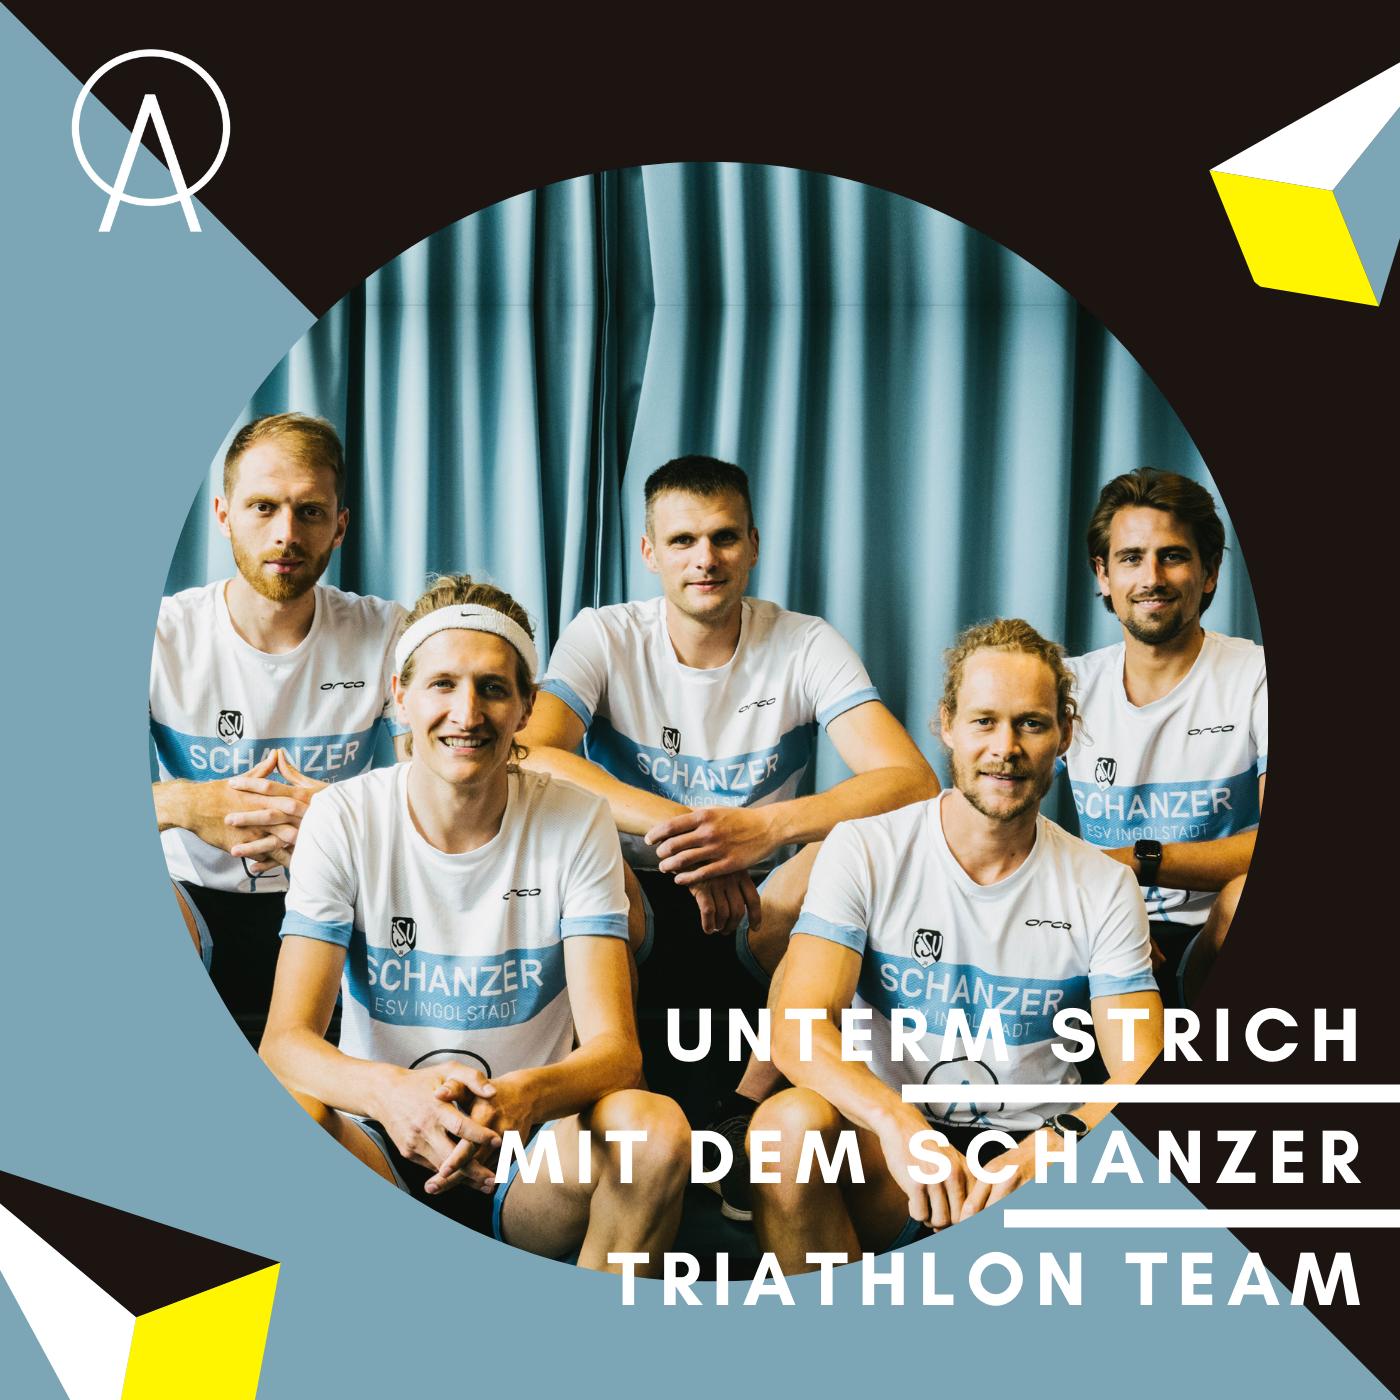 Unterm Strich Folge #057: Swim, Bike & Run – mit dem Schanzer Triathlon Ligateam Kapitän Markus Stöhr